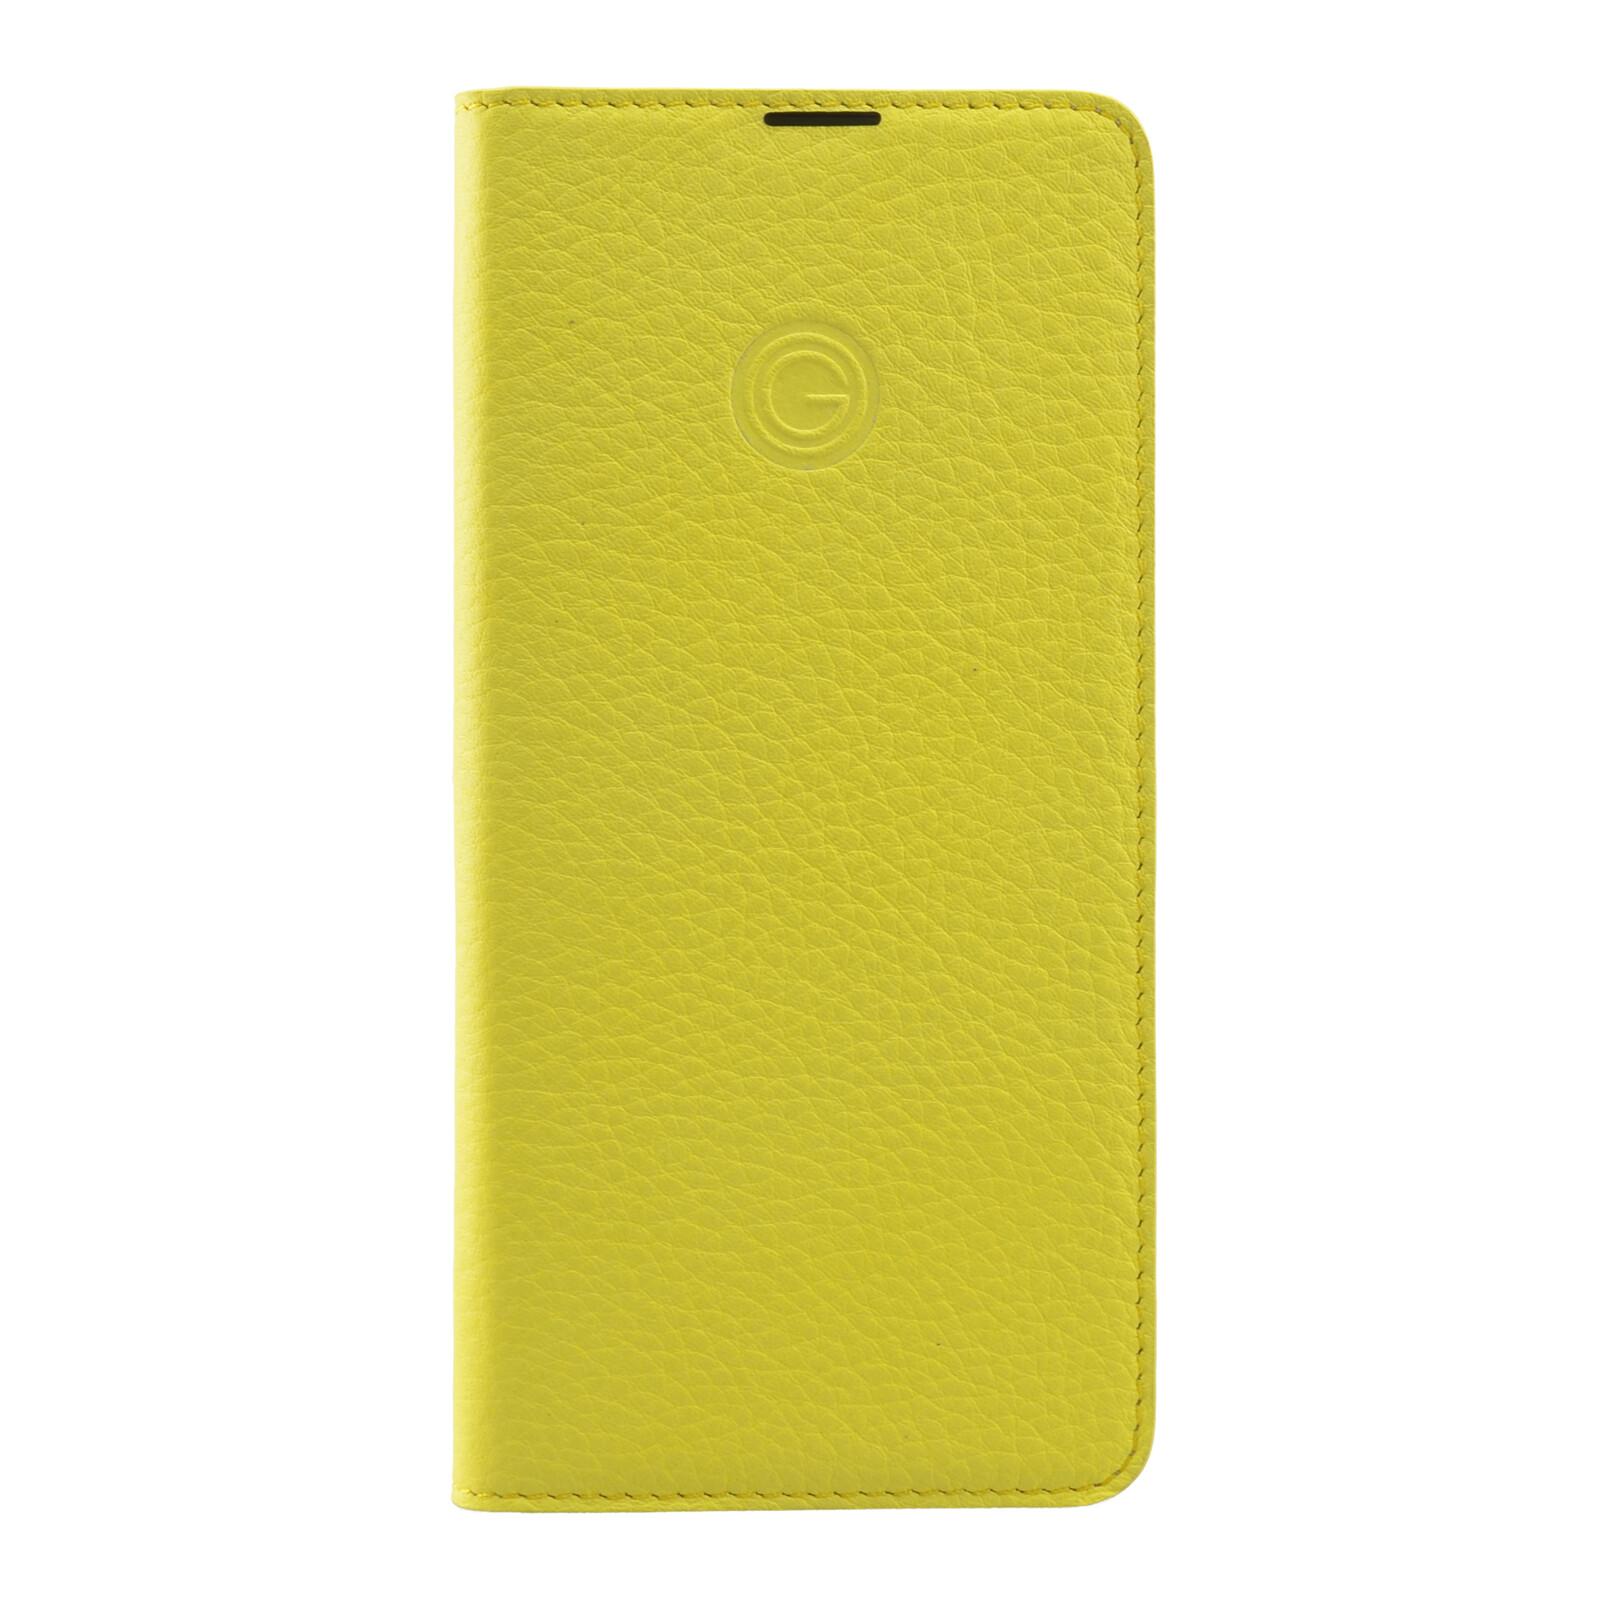 Galeli Booktasche MARC Samsung Galaxy A71 light lemon